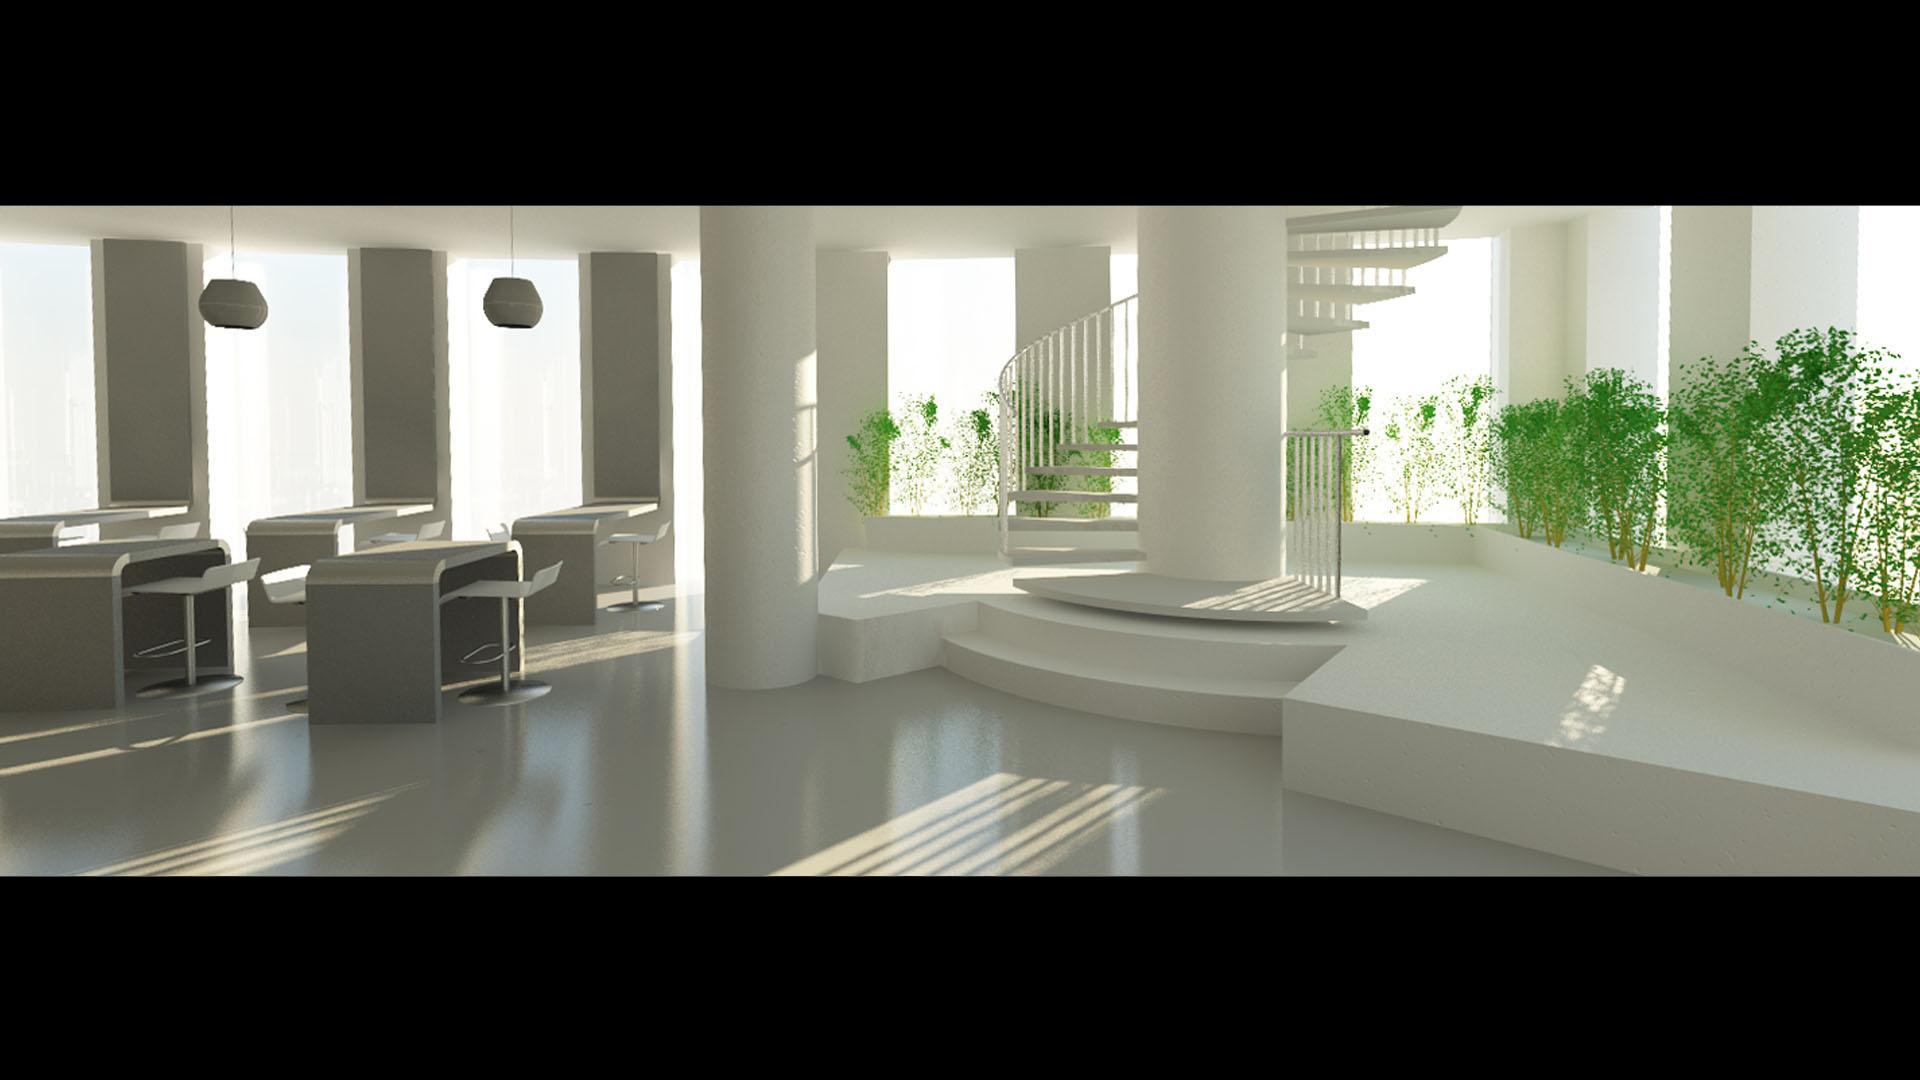 MAASS-Lichtplanung_Gestaltungskonzept Bar__MAASS-Poseidon-Bar-008